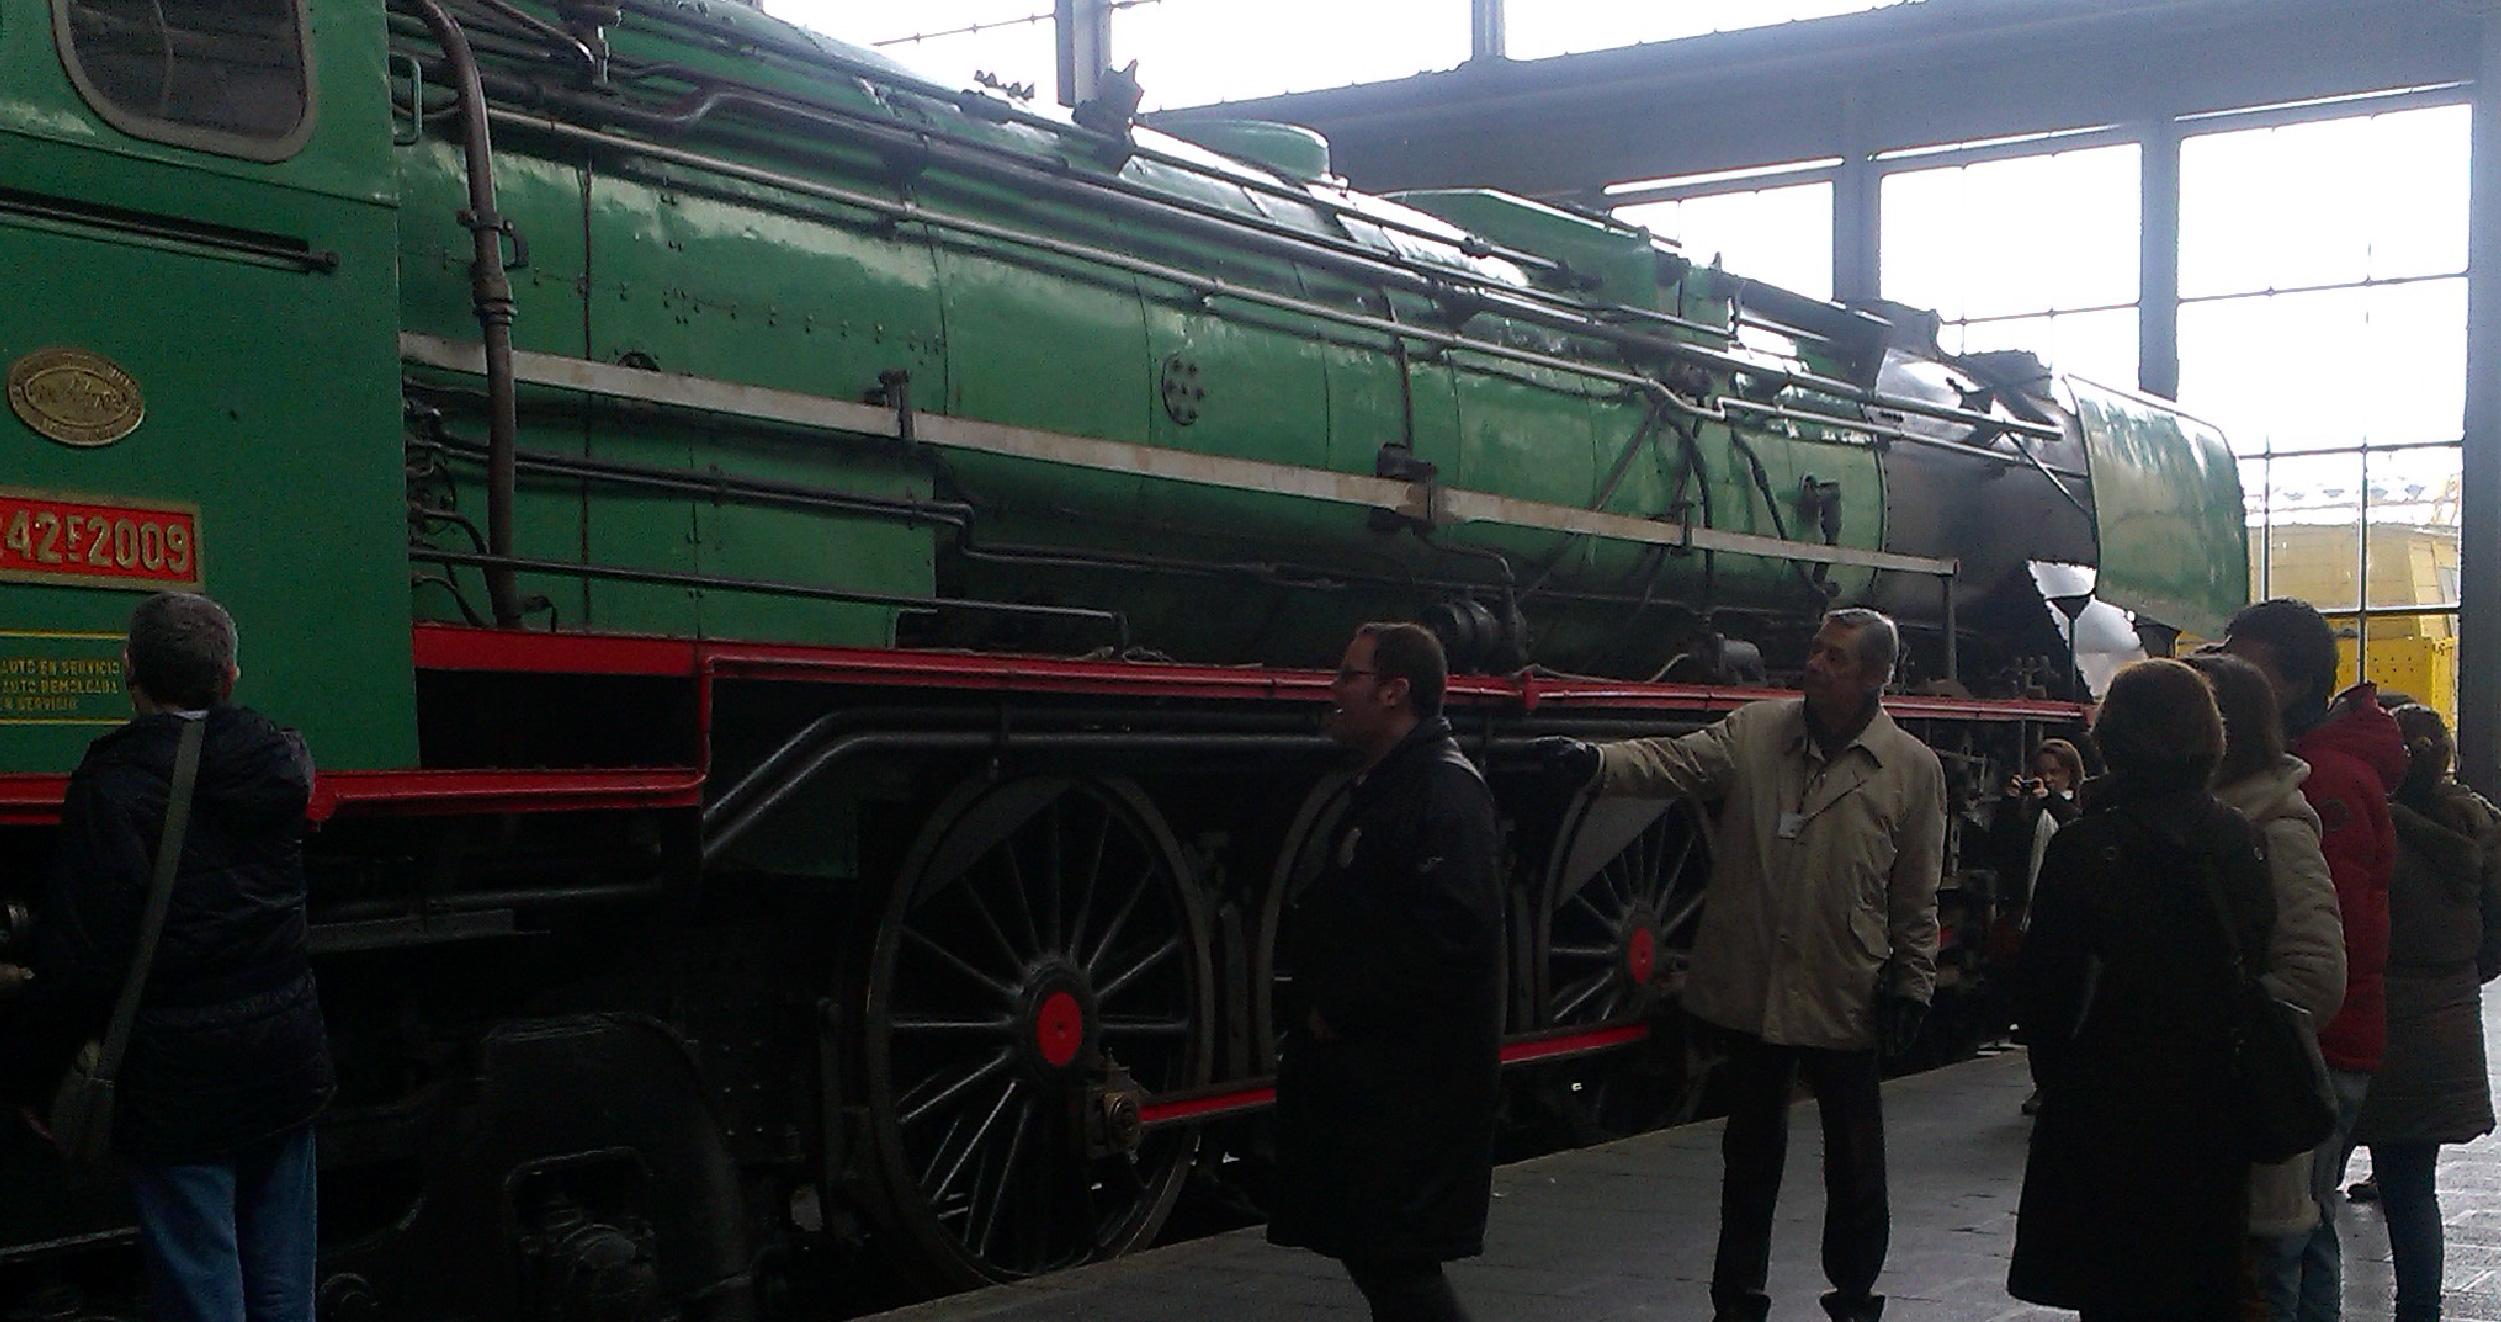 Imagen de una visita al Museo del Ferrocarril